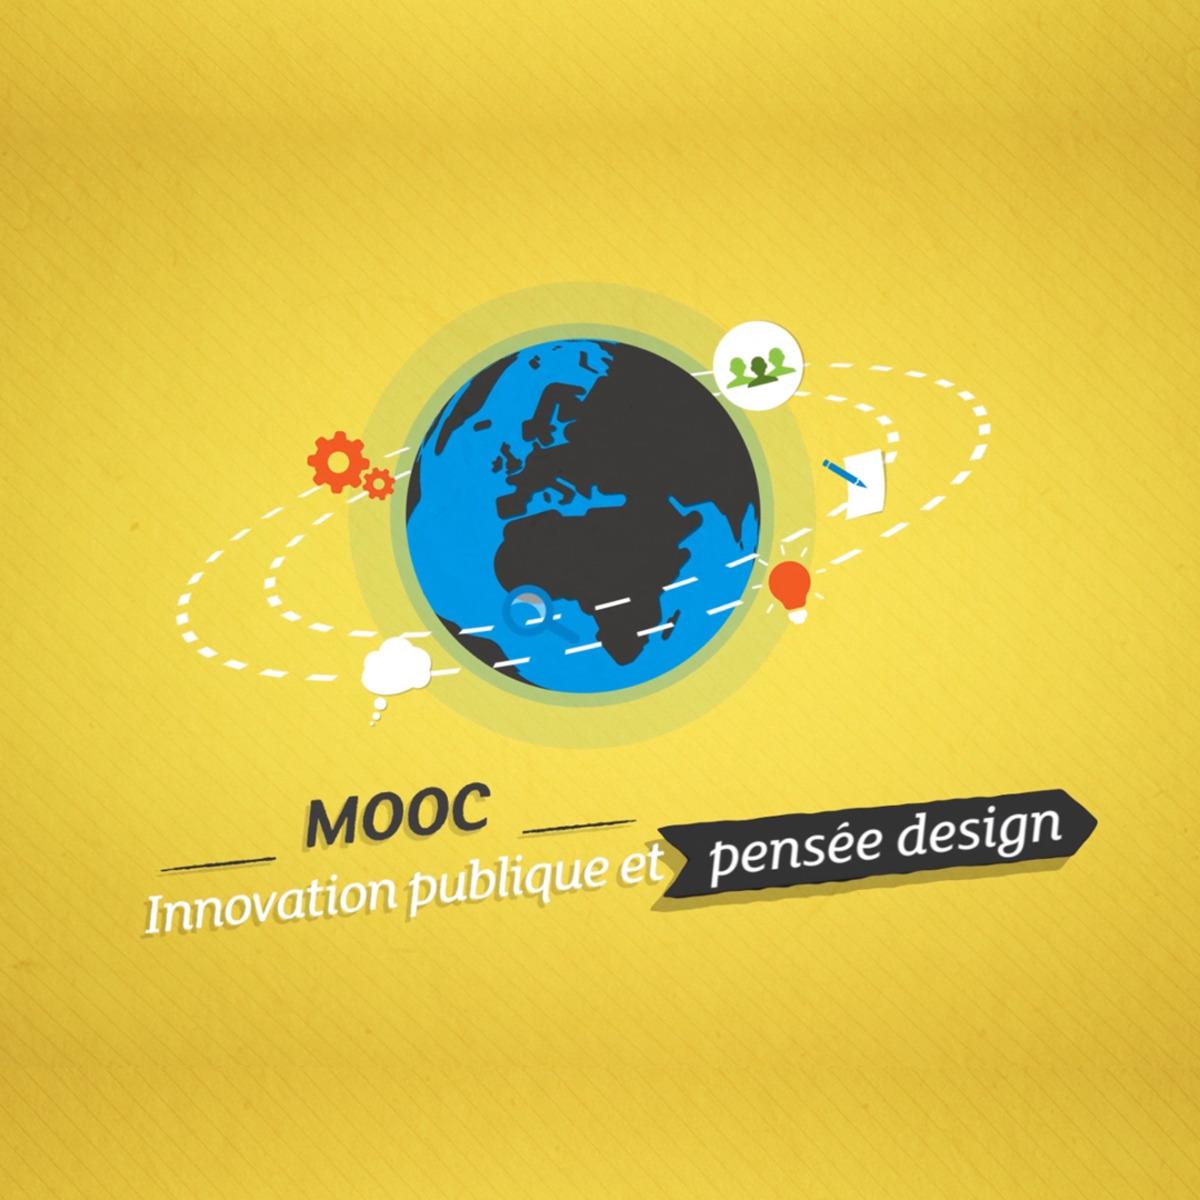 Innovation publique et pensée design, l'innovation sociale au service des territoires course image